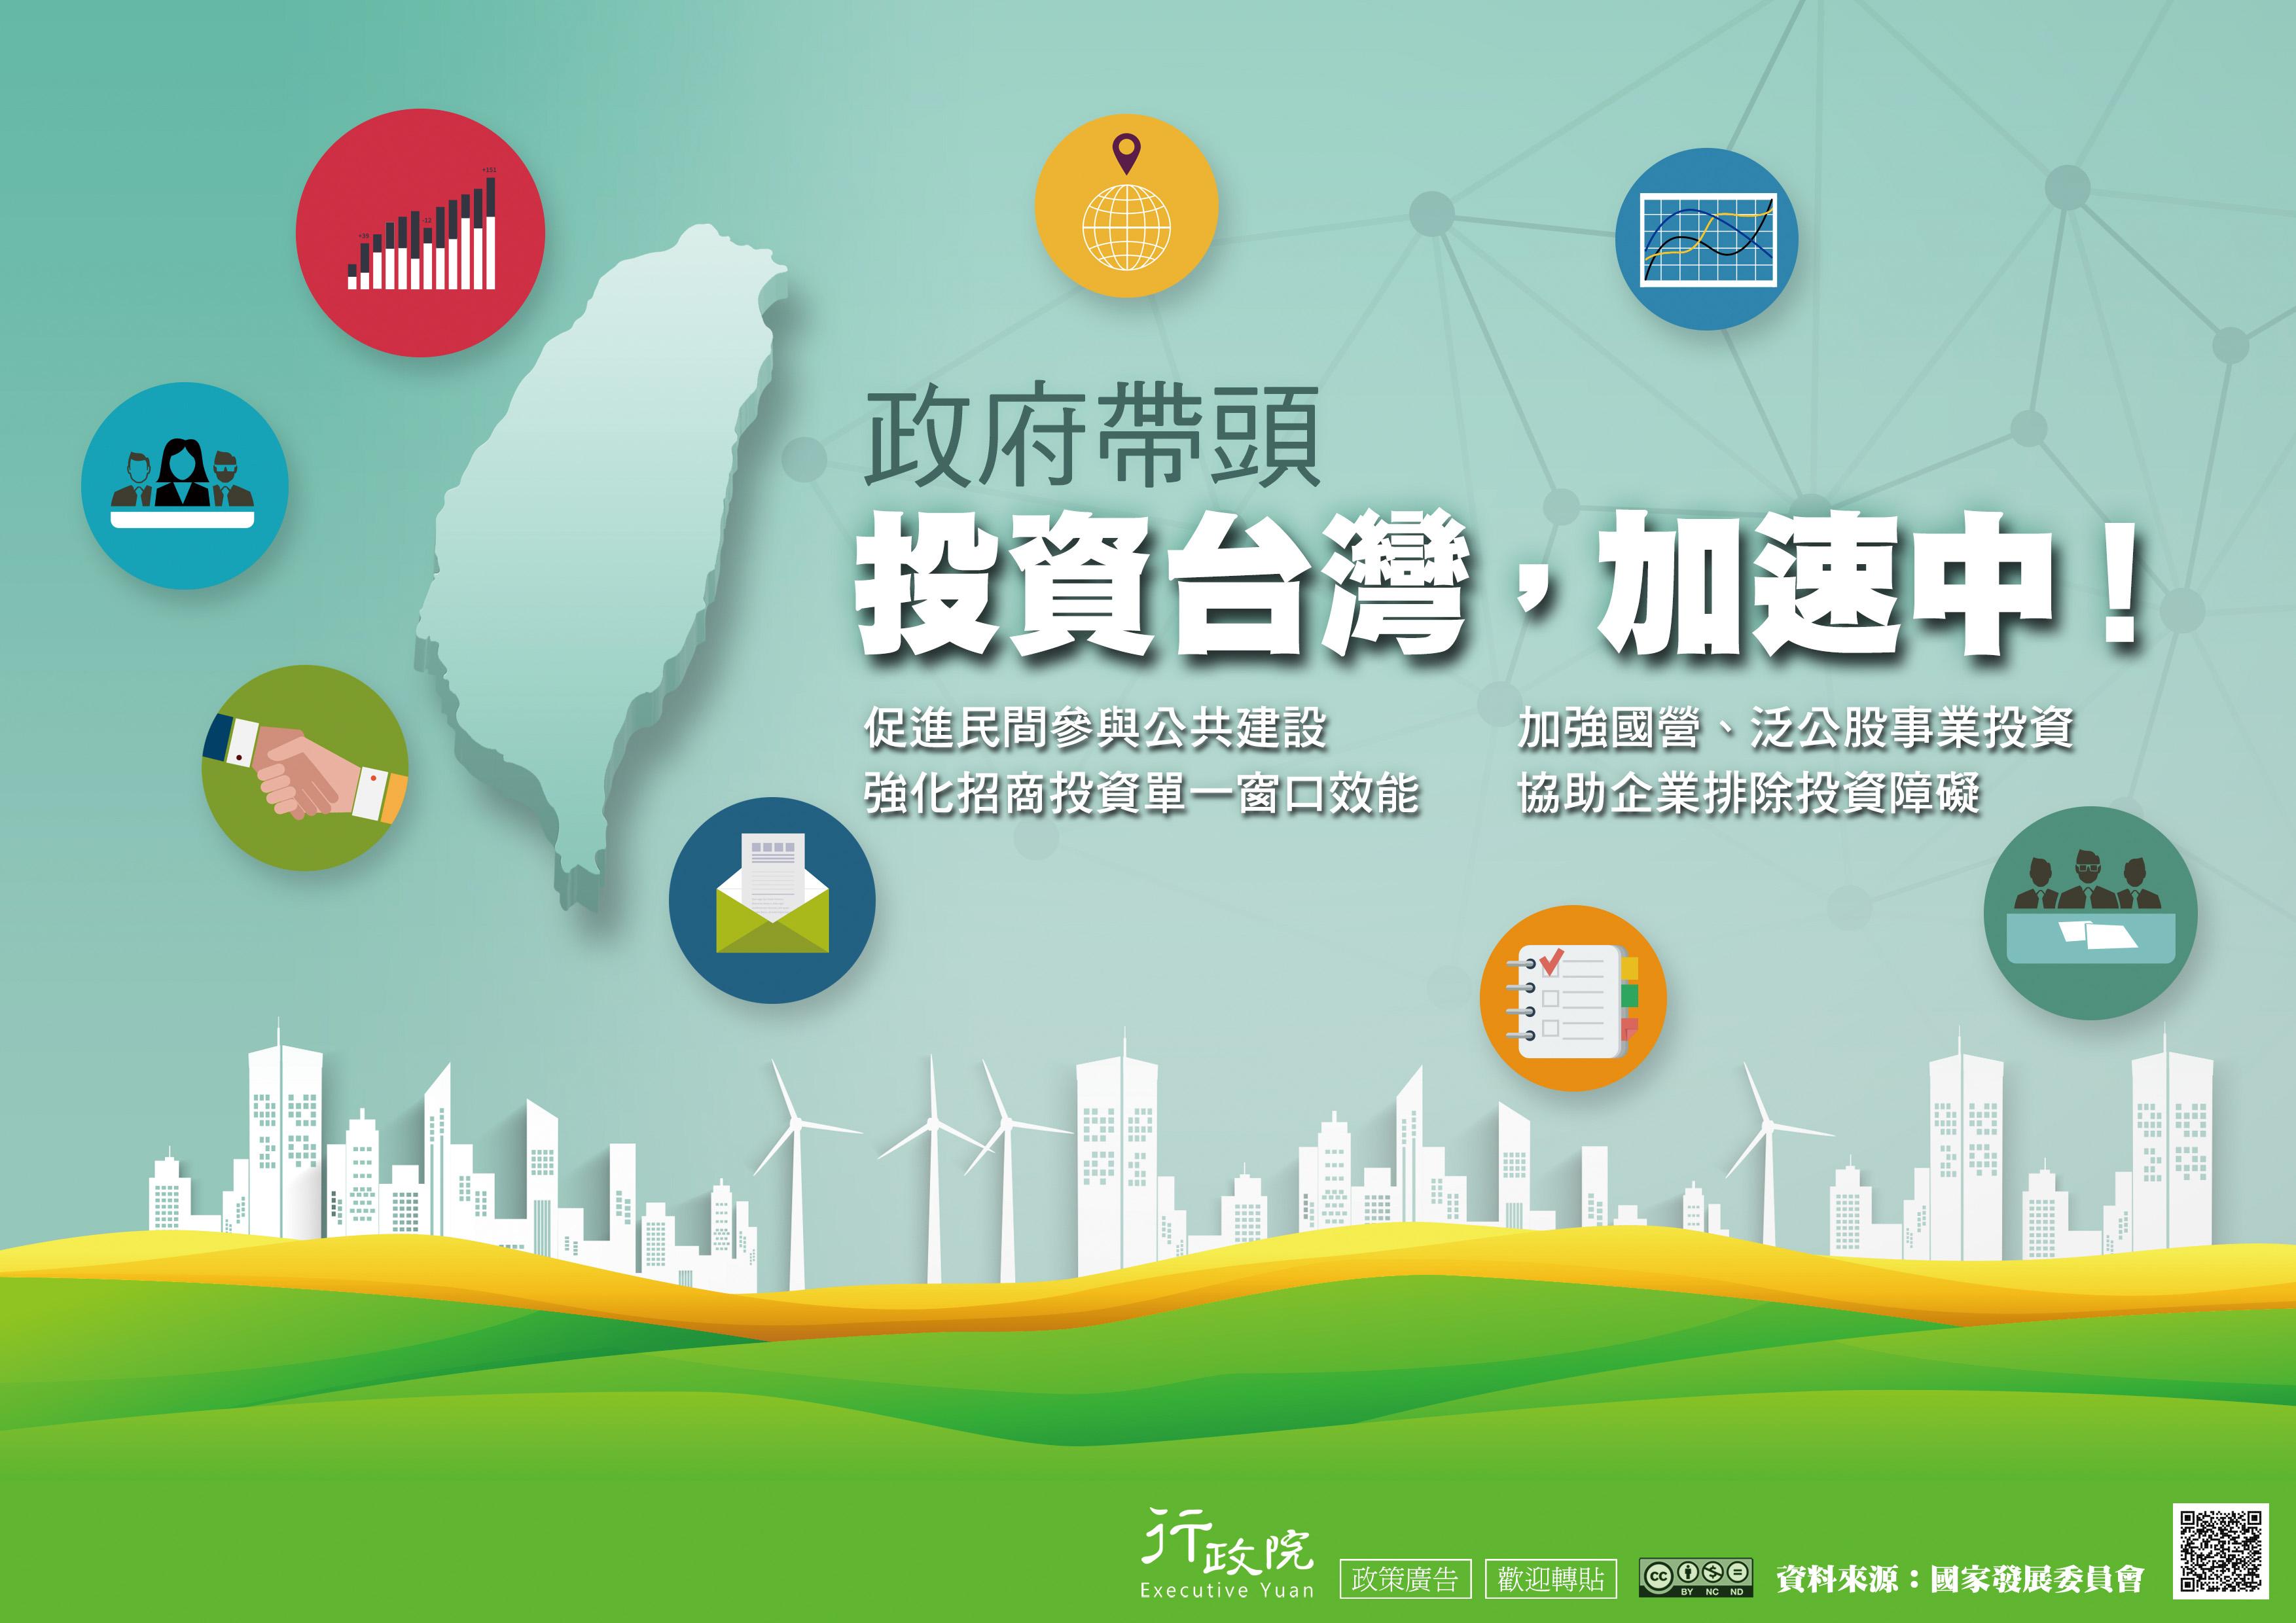 政府帶頭 投資台灣,加速中!促進民間參與公共建設,加強國營、泛公股事業投資,強化招商投資單一窗口效能,協助企業排除投資障礙